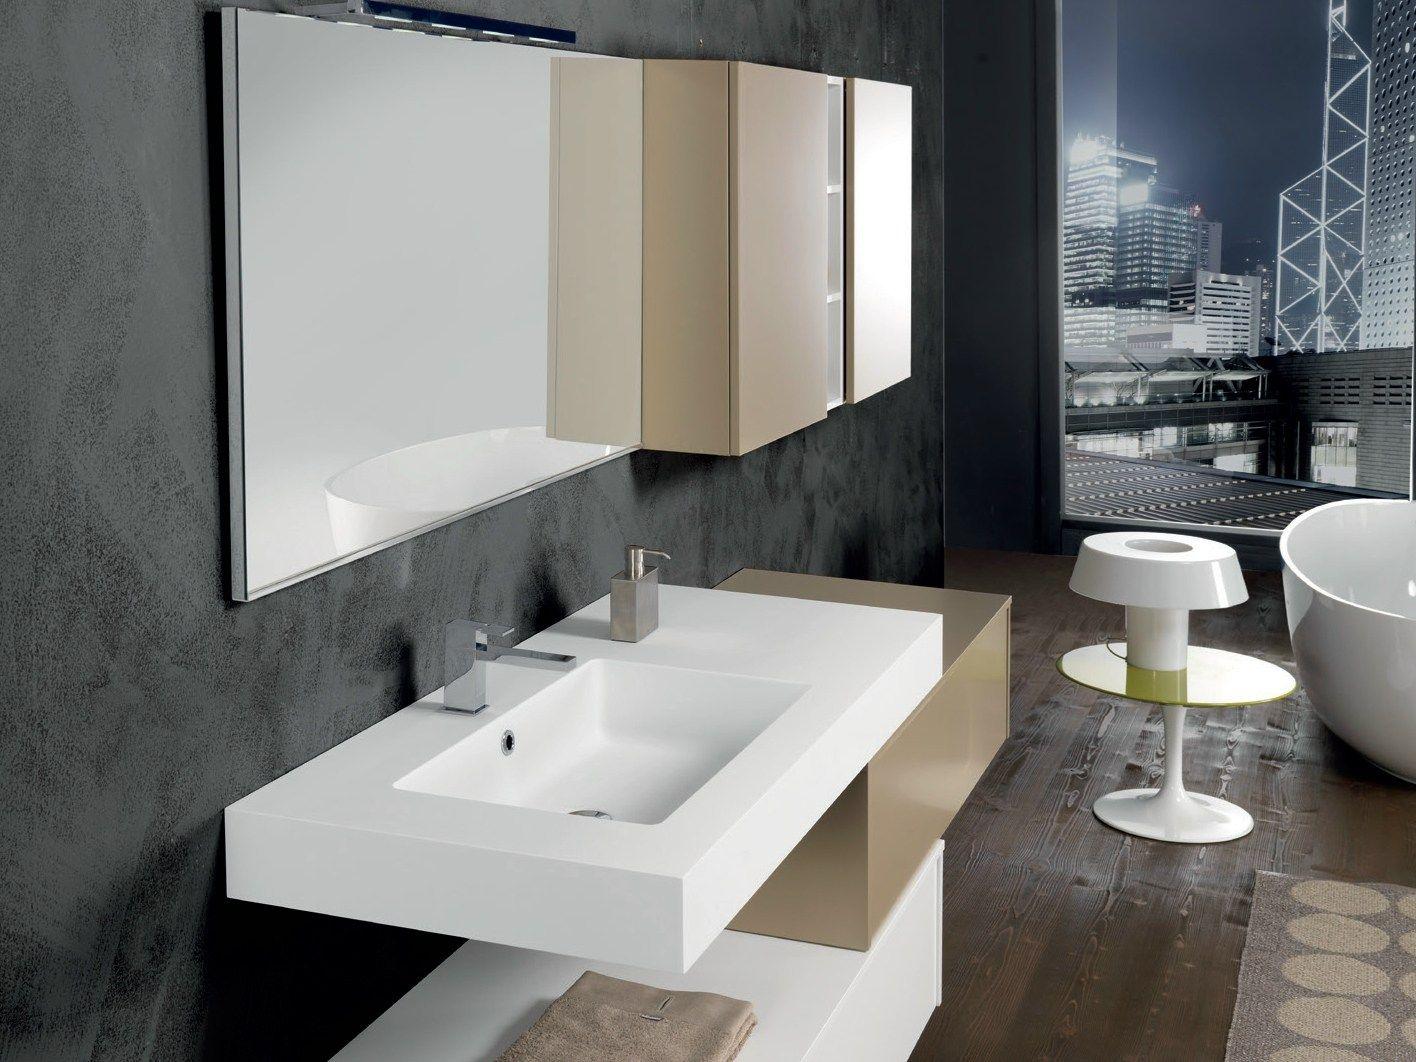 Mobile lavabo laccato sospeso con armadio v65 by mobiltesino - Lavabo sospeso con mobile ...